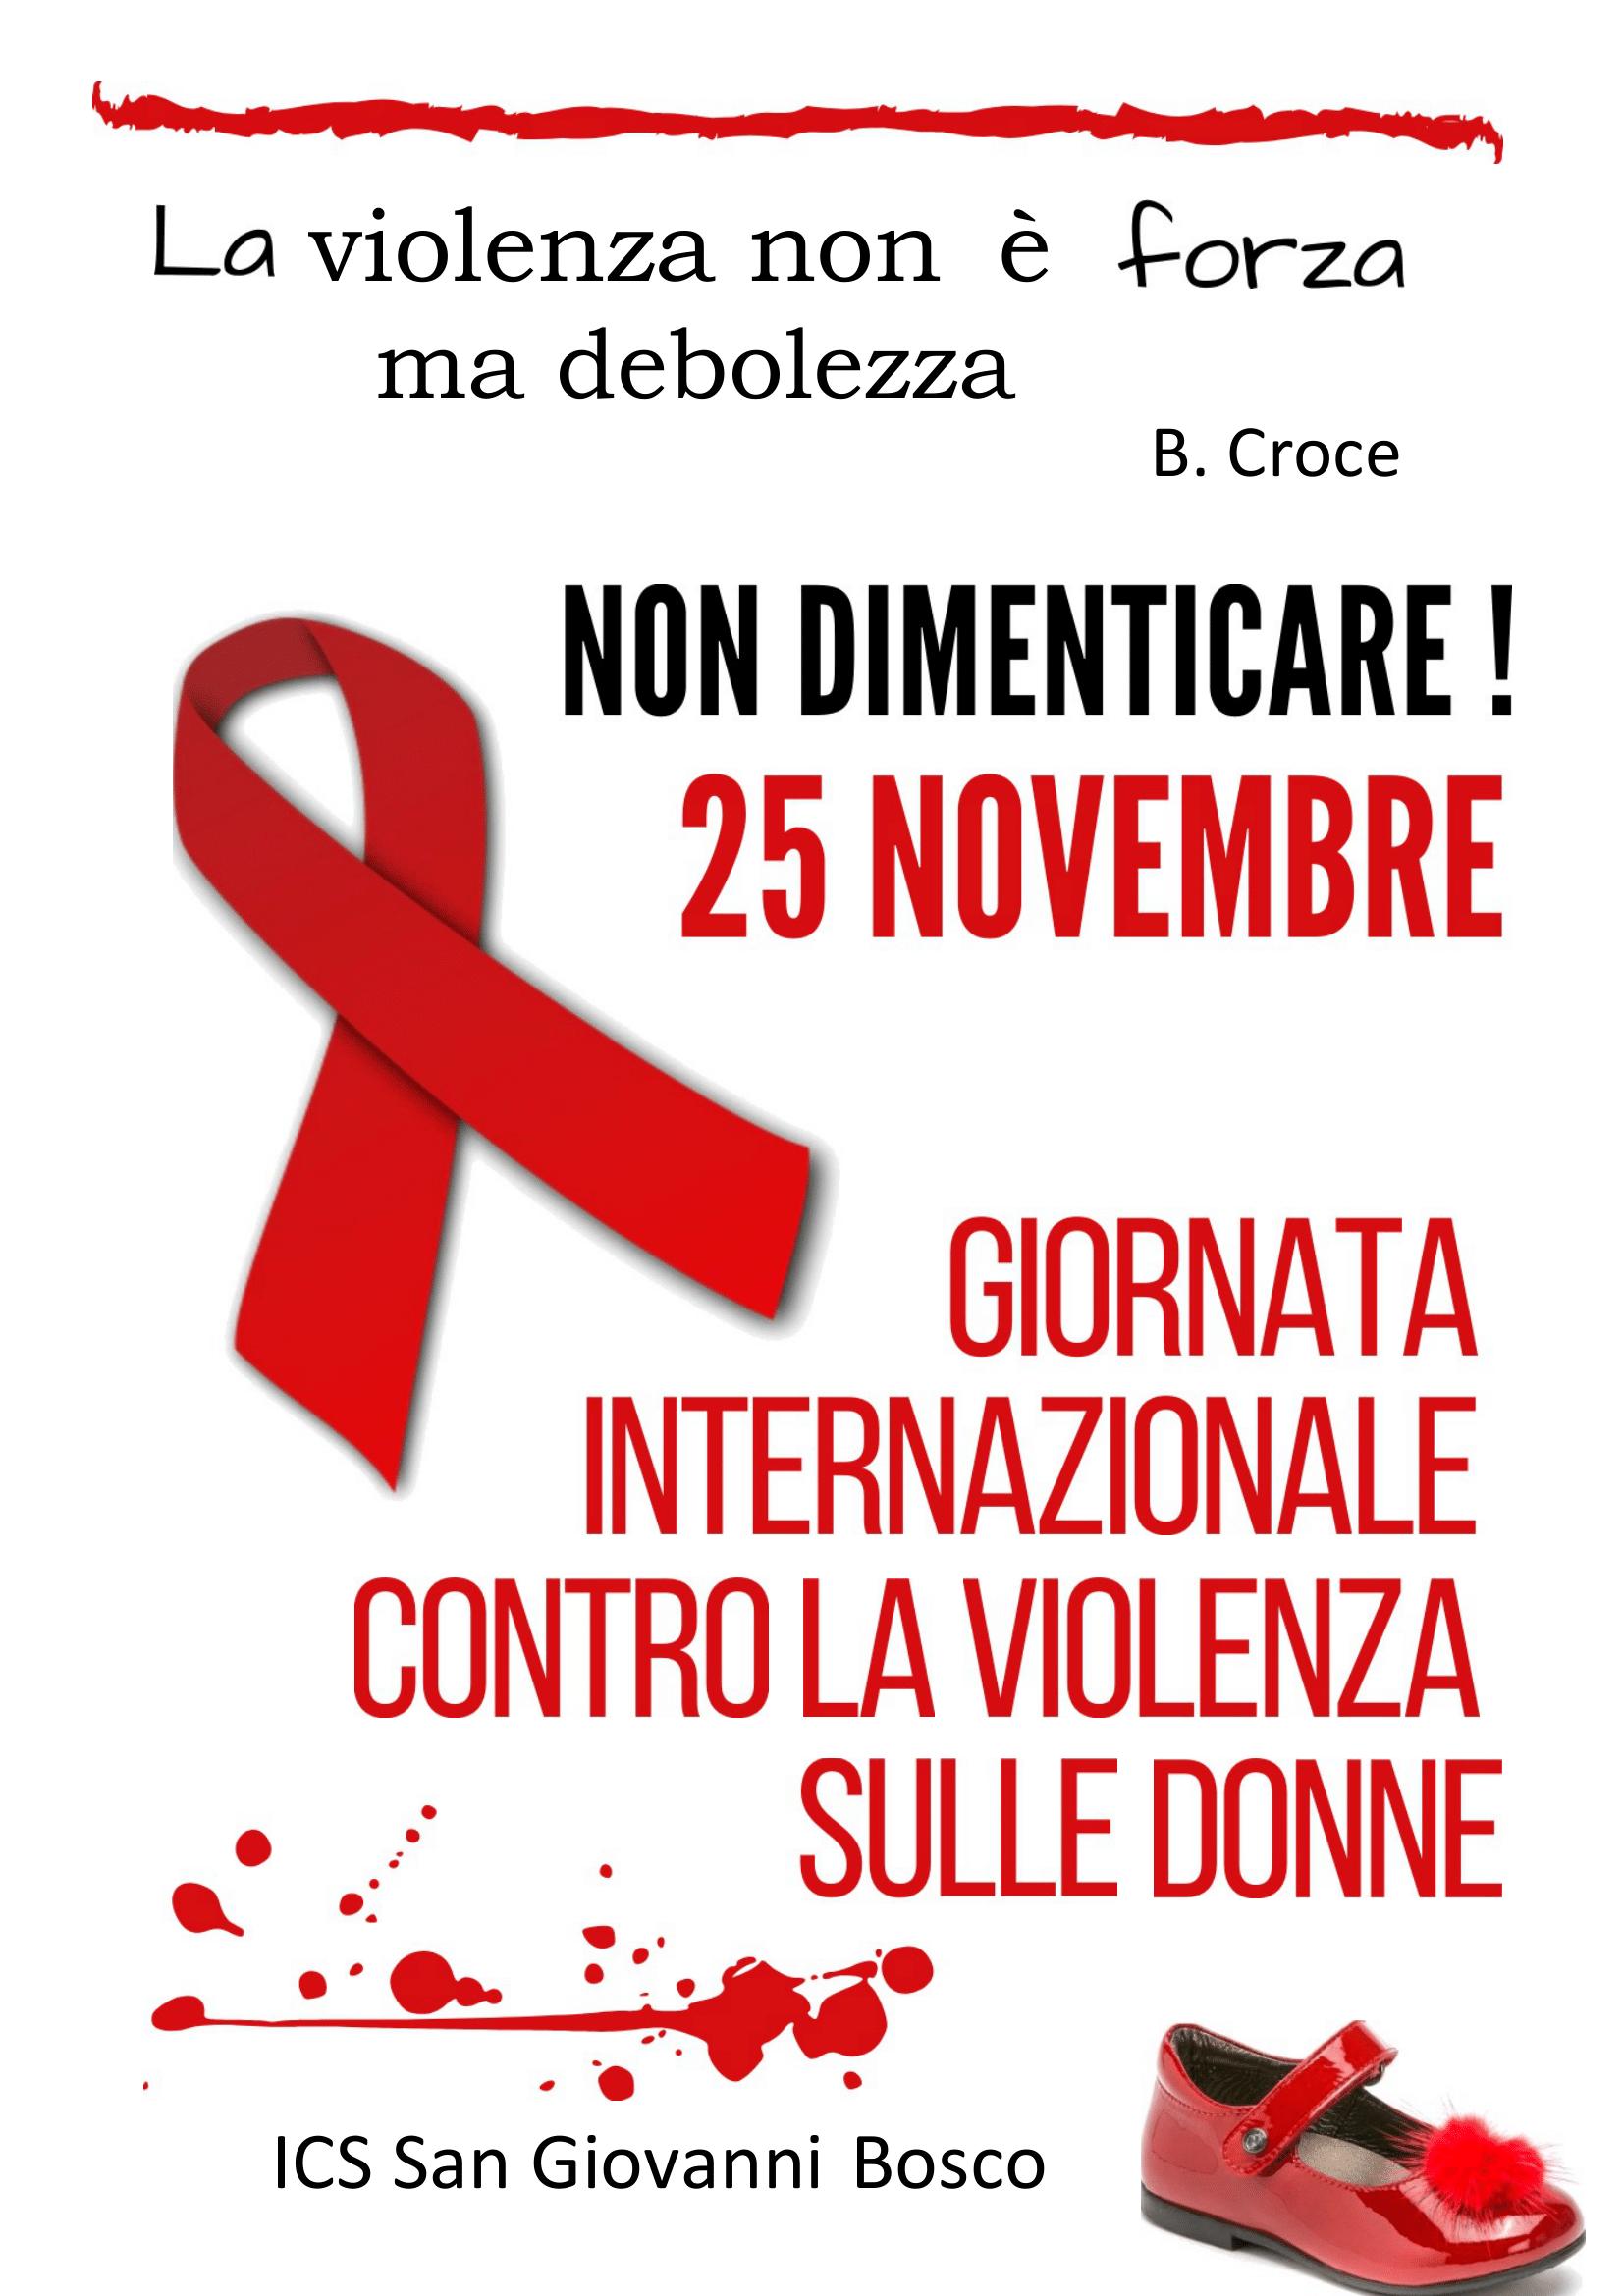 Giornata Internazionale Contro Violenza Donne